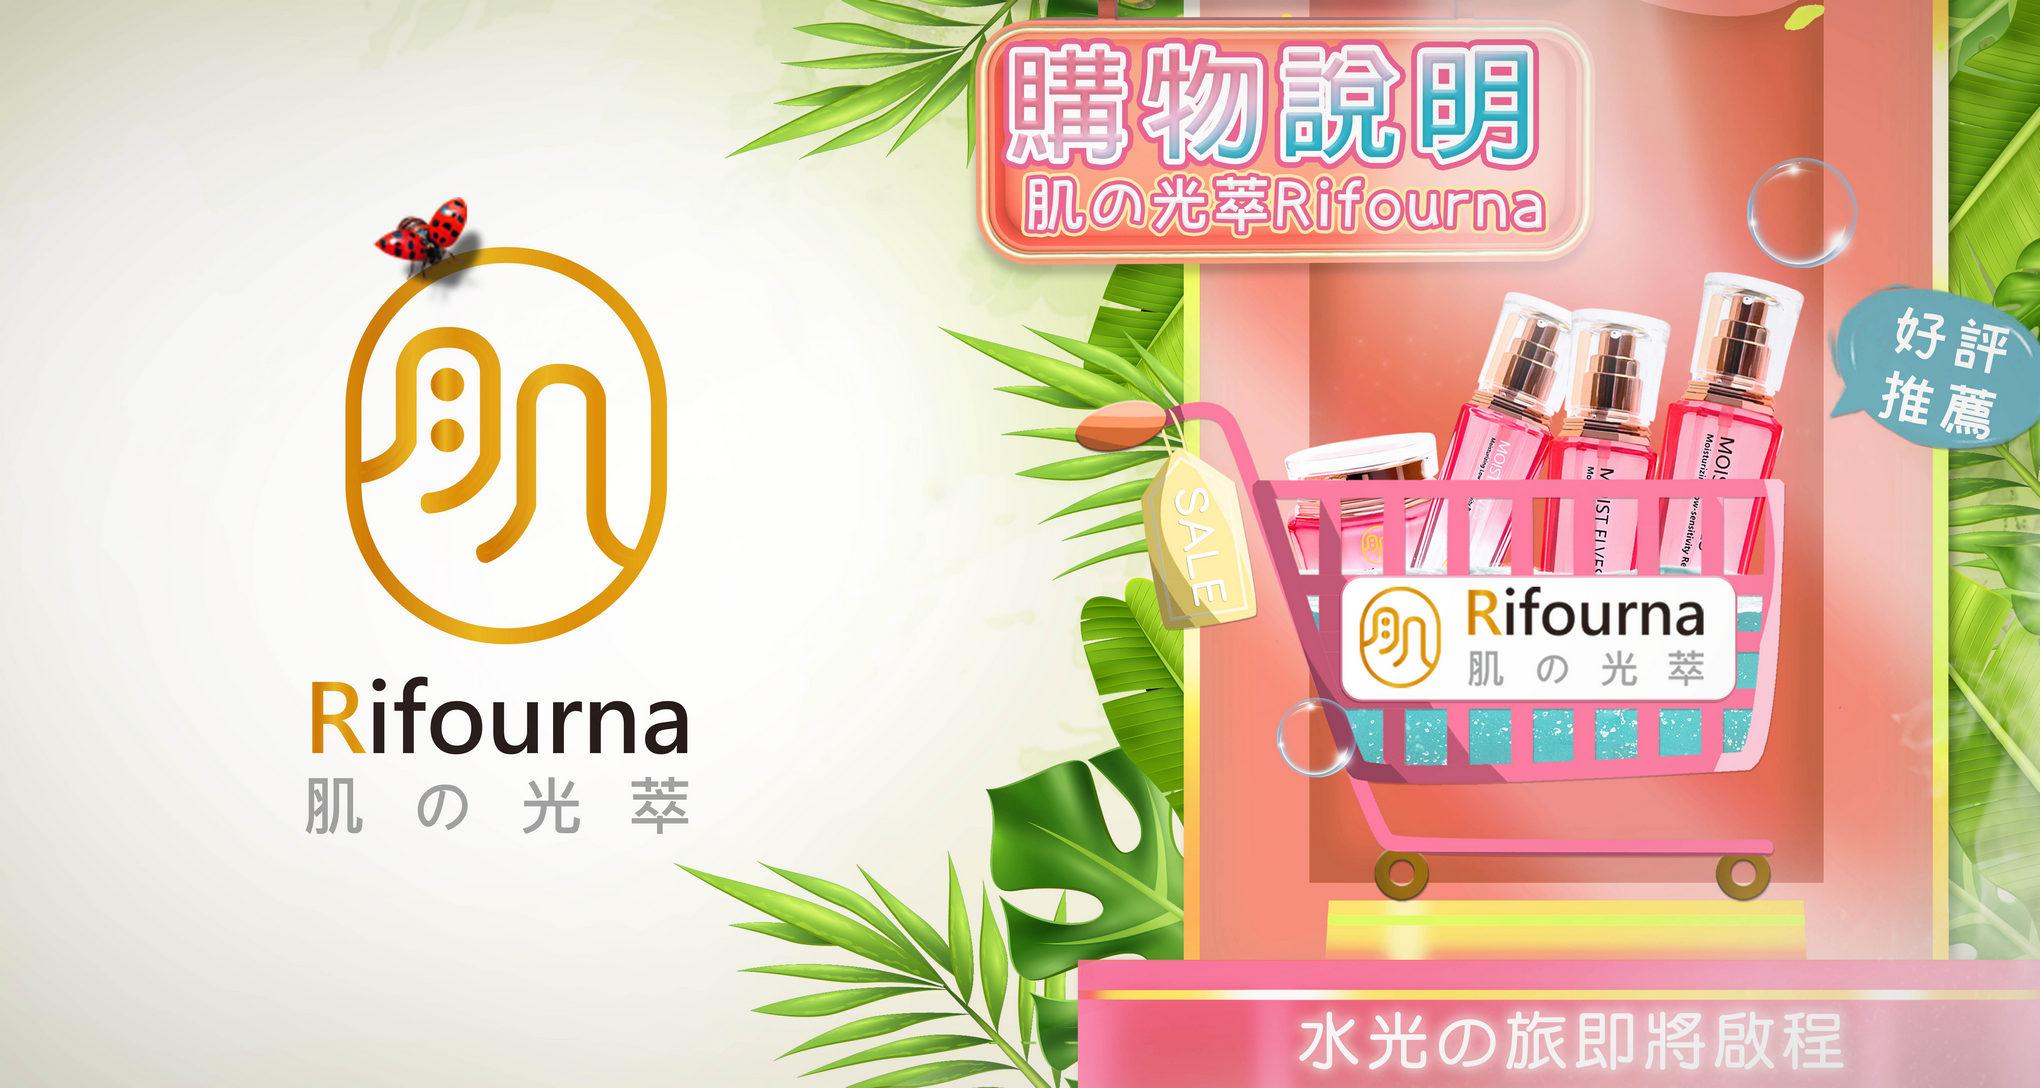 肌的光萃購物說明-推薦皮膚產品敏感肌雷射術後適用